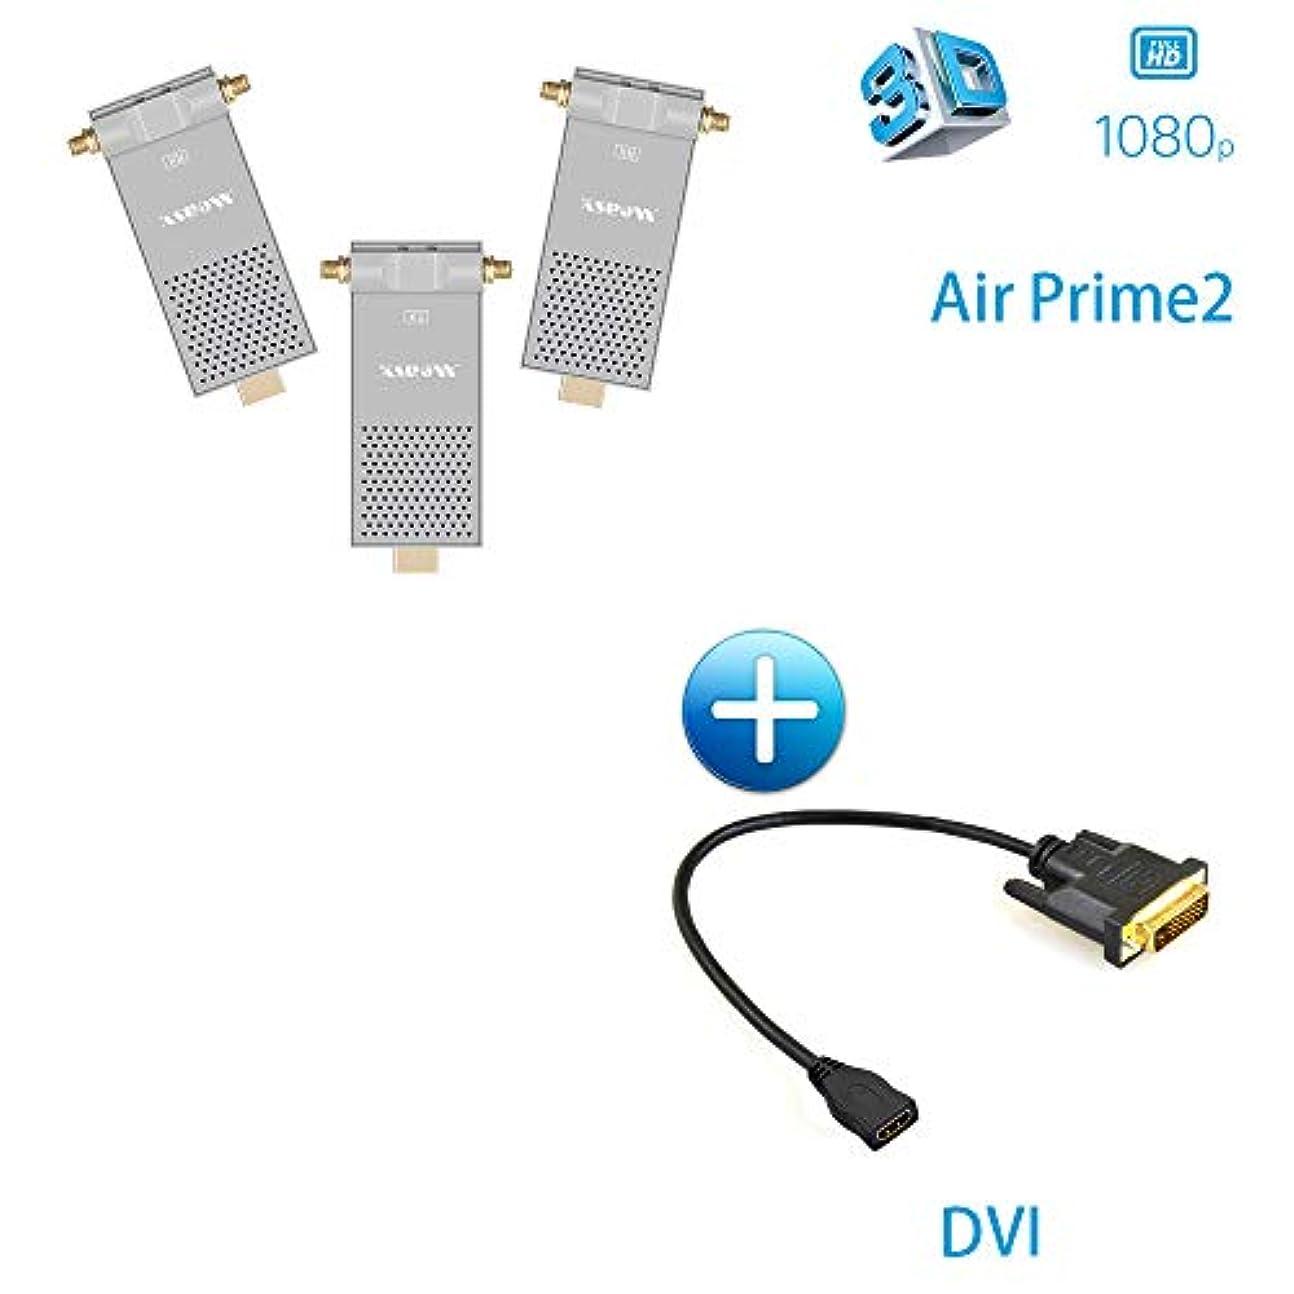 ソフィー重々しい。HDMIワイヤレスエクステンダー 5.8GHz HDMIトランスミッターレシーバー 200M/656フィート 1080P ビデオオーディオ 3D HDMI送信機 DVIケーブル付属